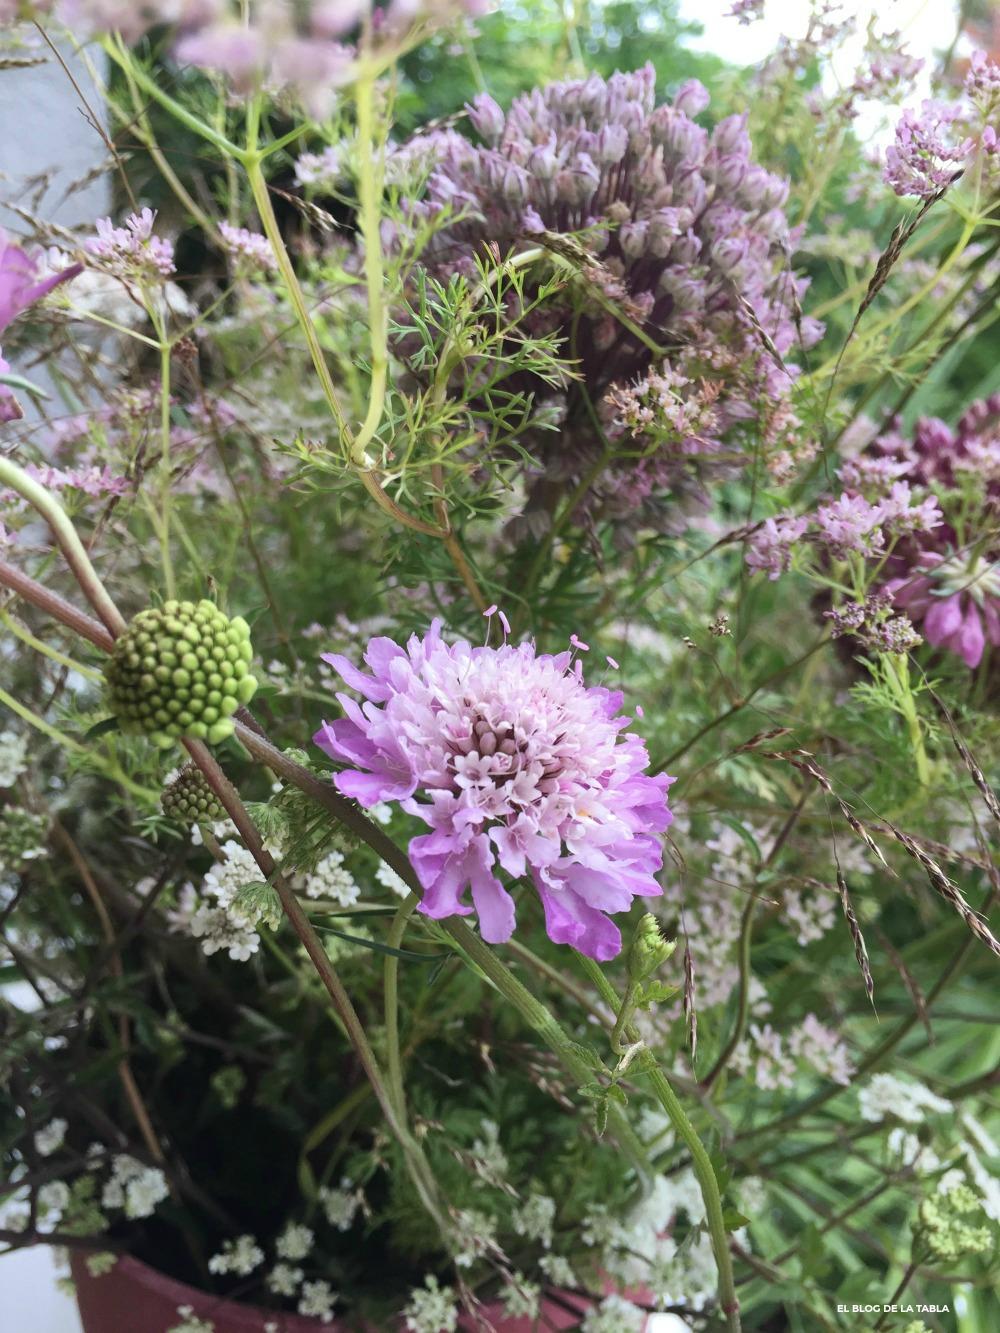 flores de escabiosa silvestre en un arreglo floral